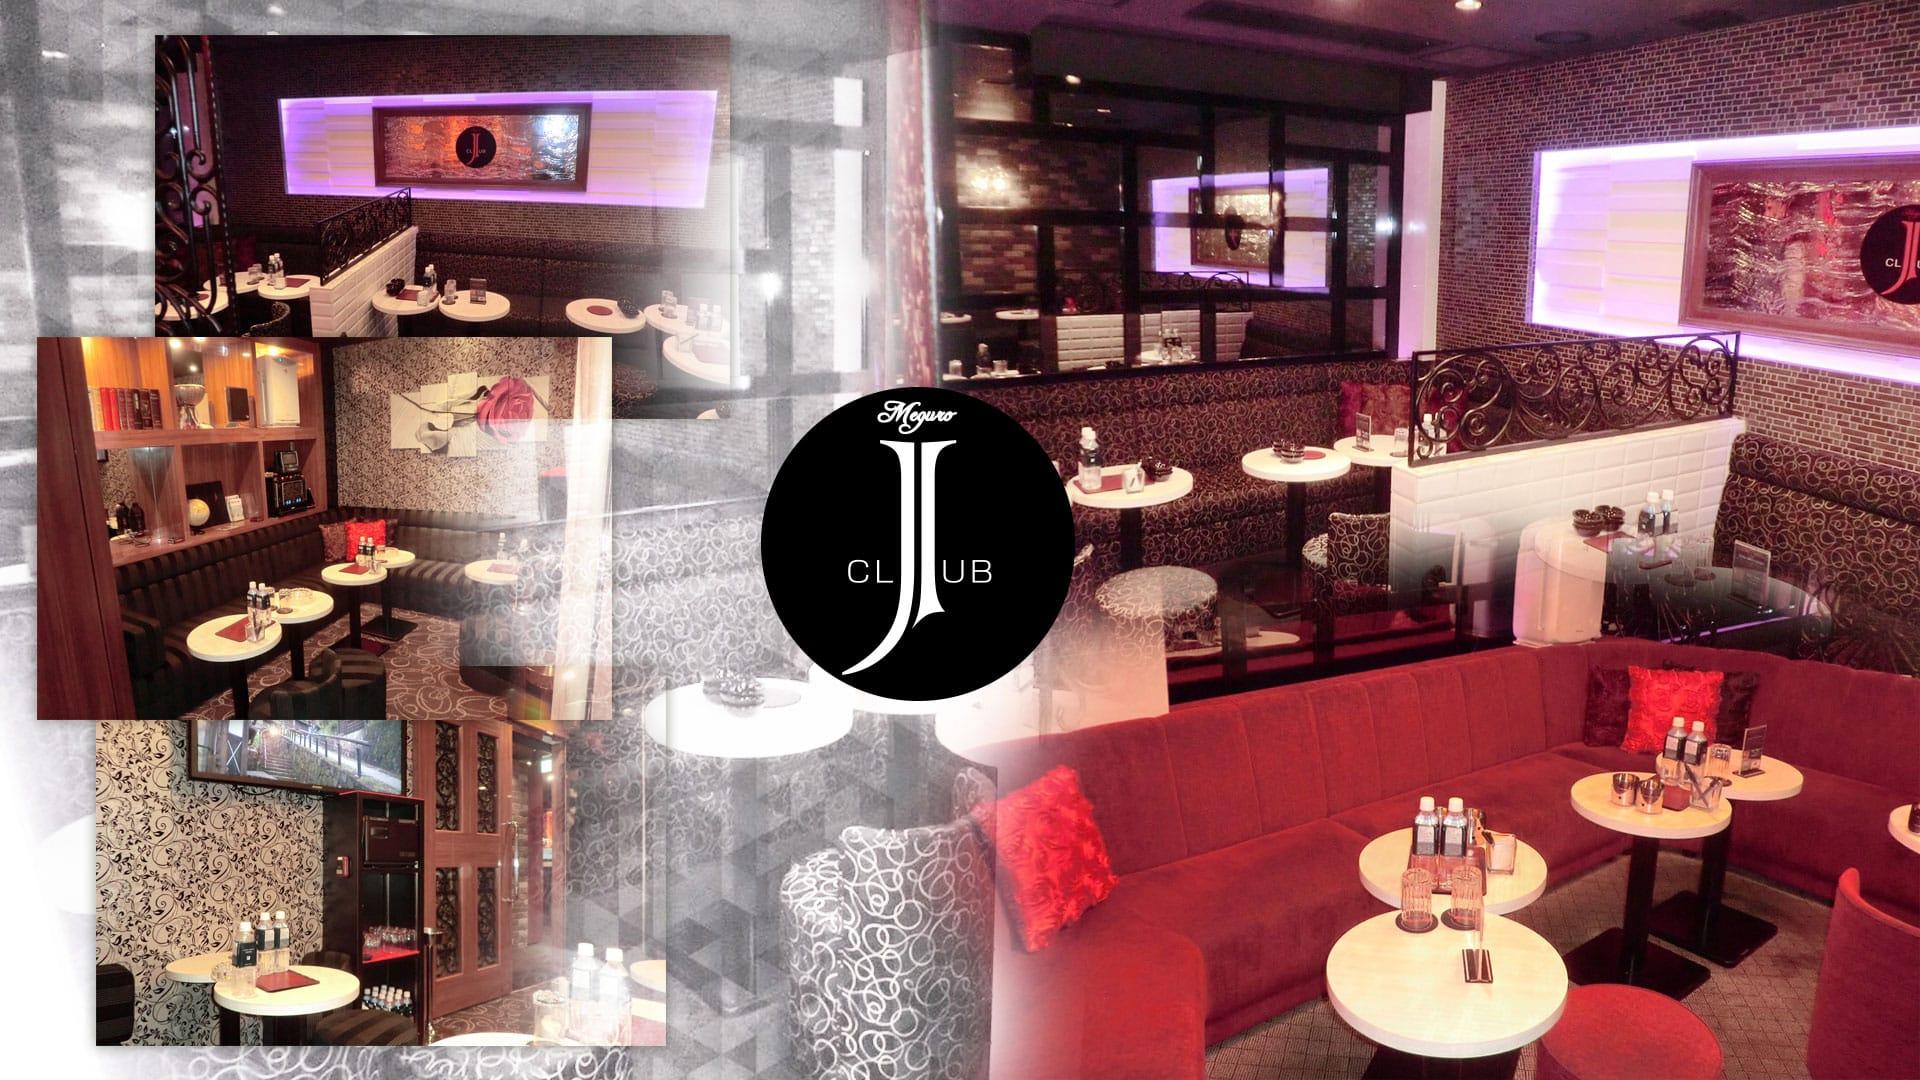 J club[ジェイクラブ] TOP画像